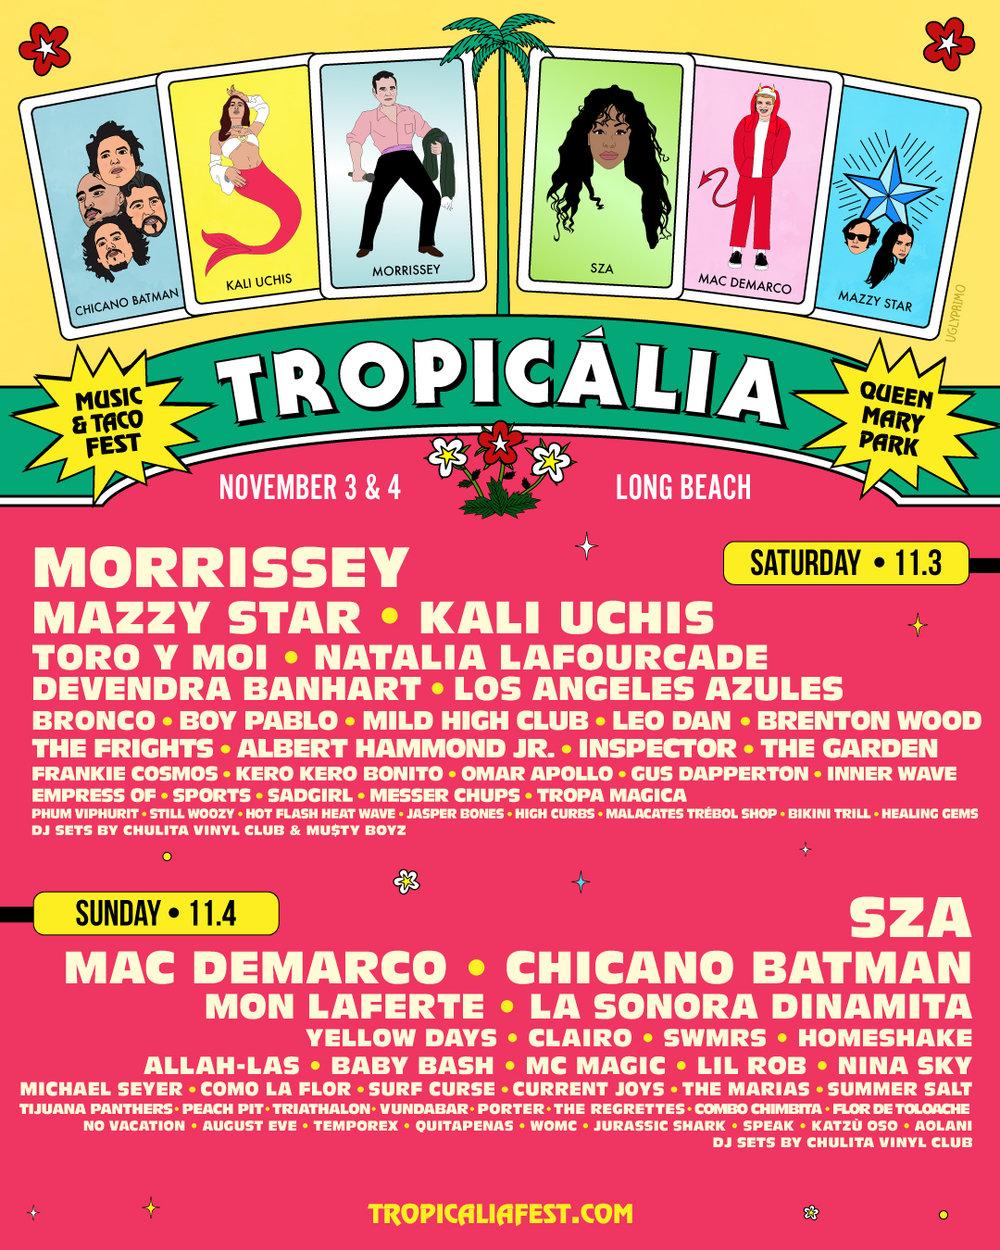 tropicalia-1080x1350-2-DAY.jpg